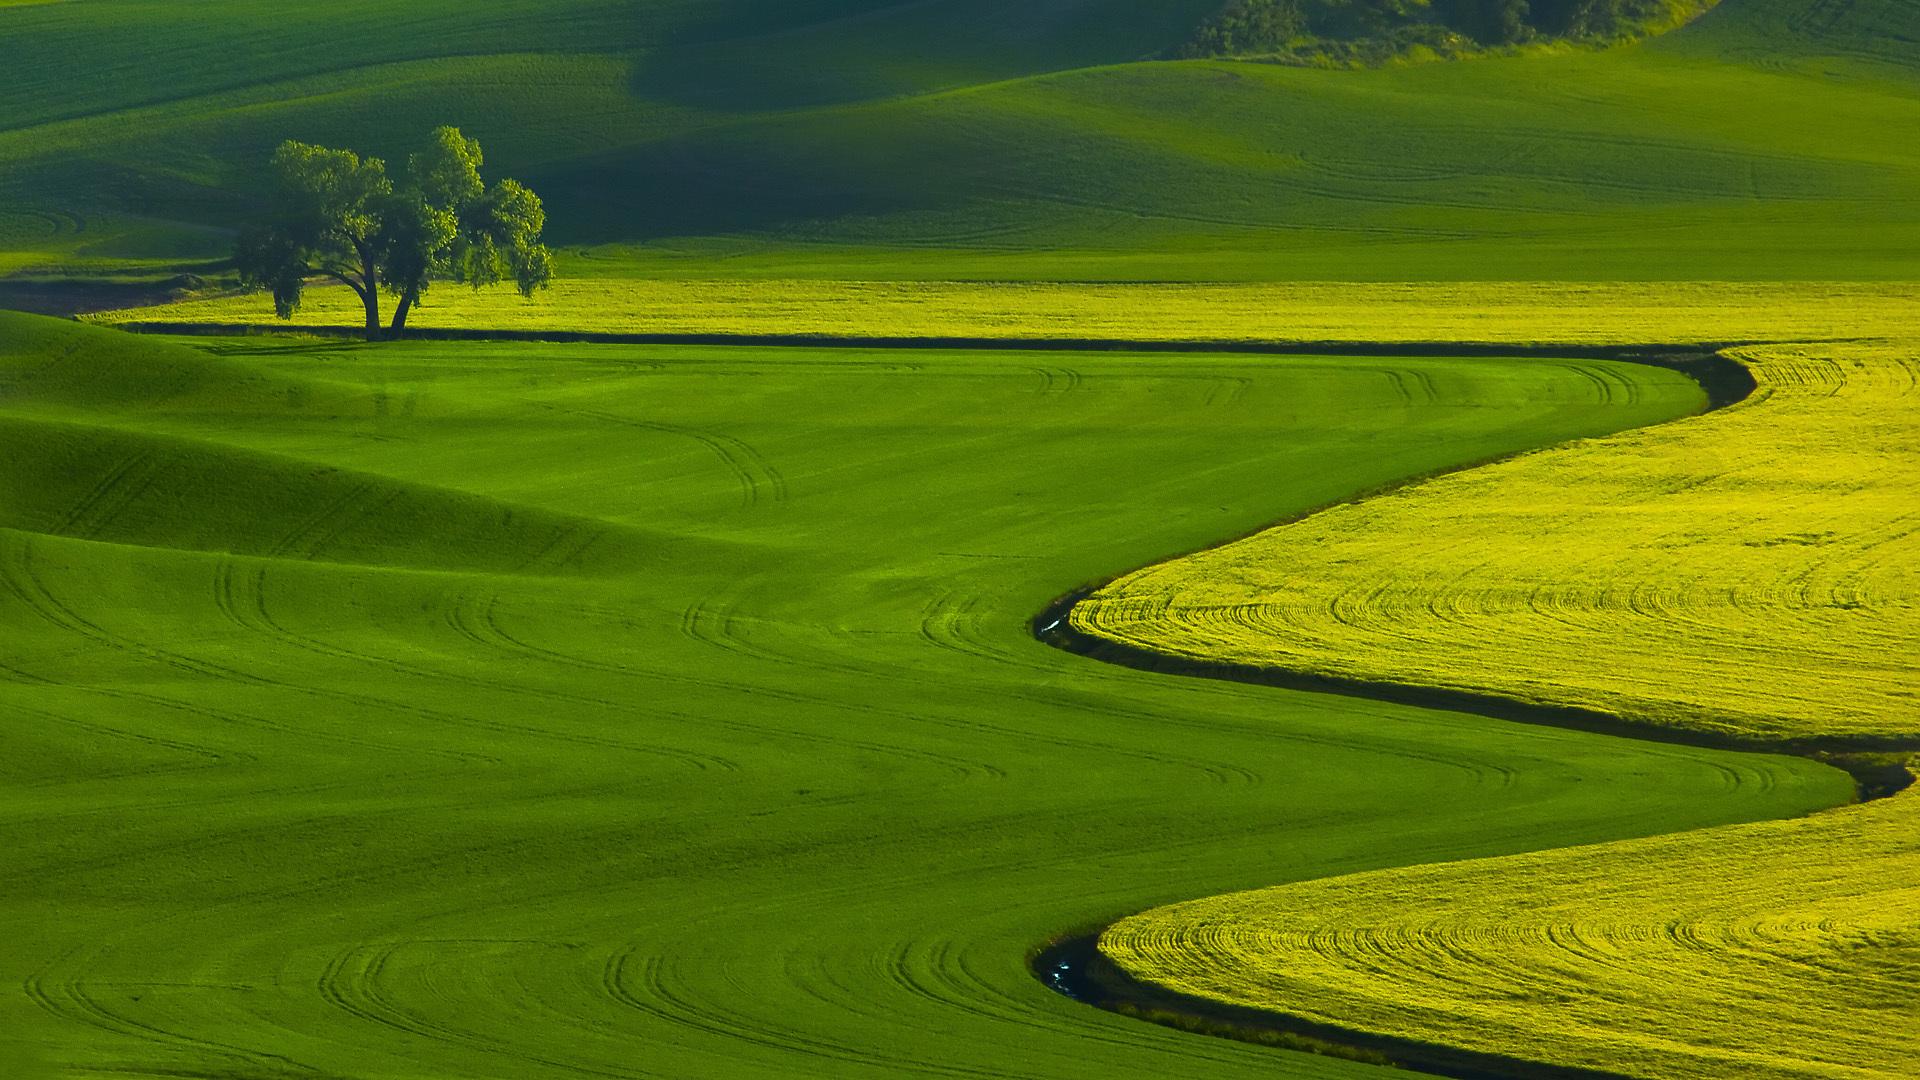 Golf High Definition Wallpaper 1920x1080 1920x1080